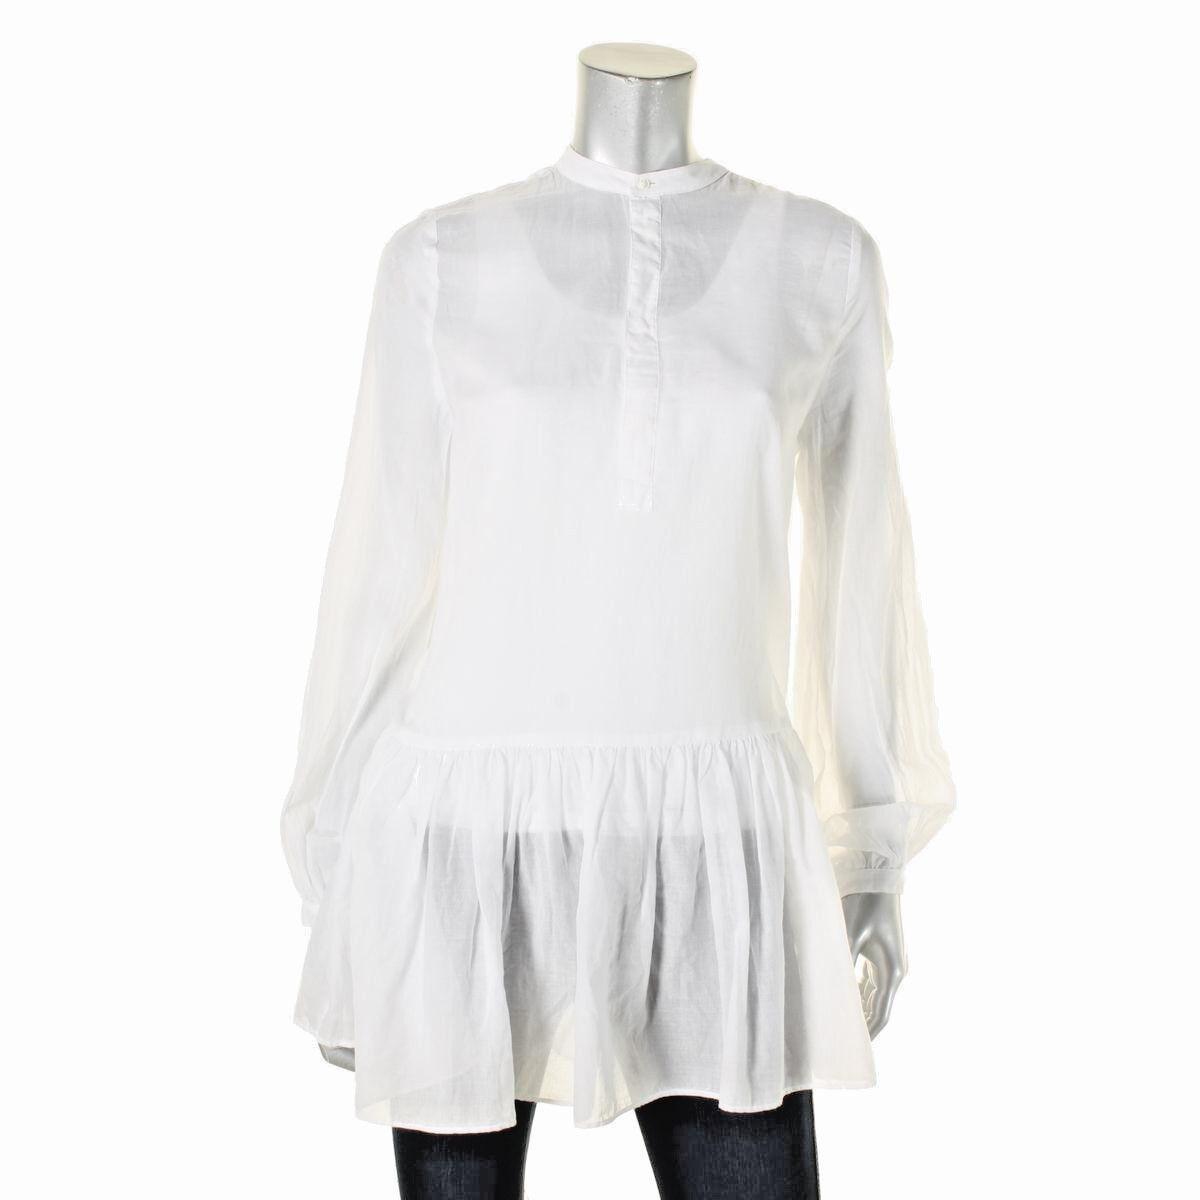 Polo Ralph Lauren Woherren New  Weiß Sheer Drop Waist Tunic Top Größe M